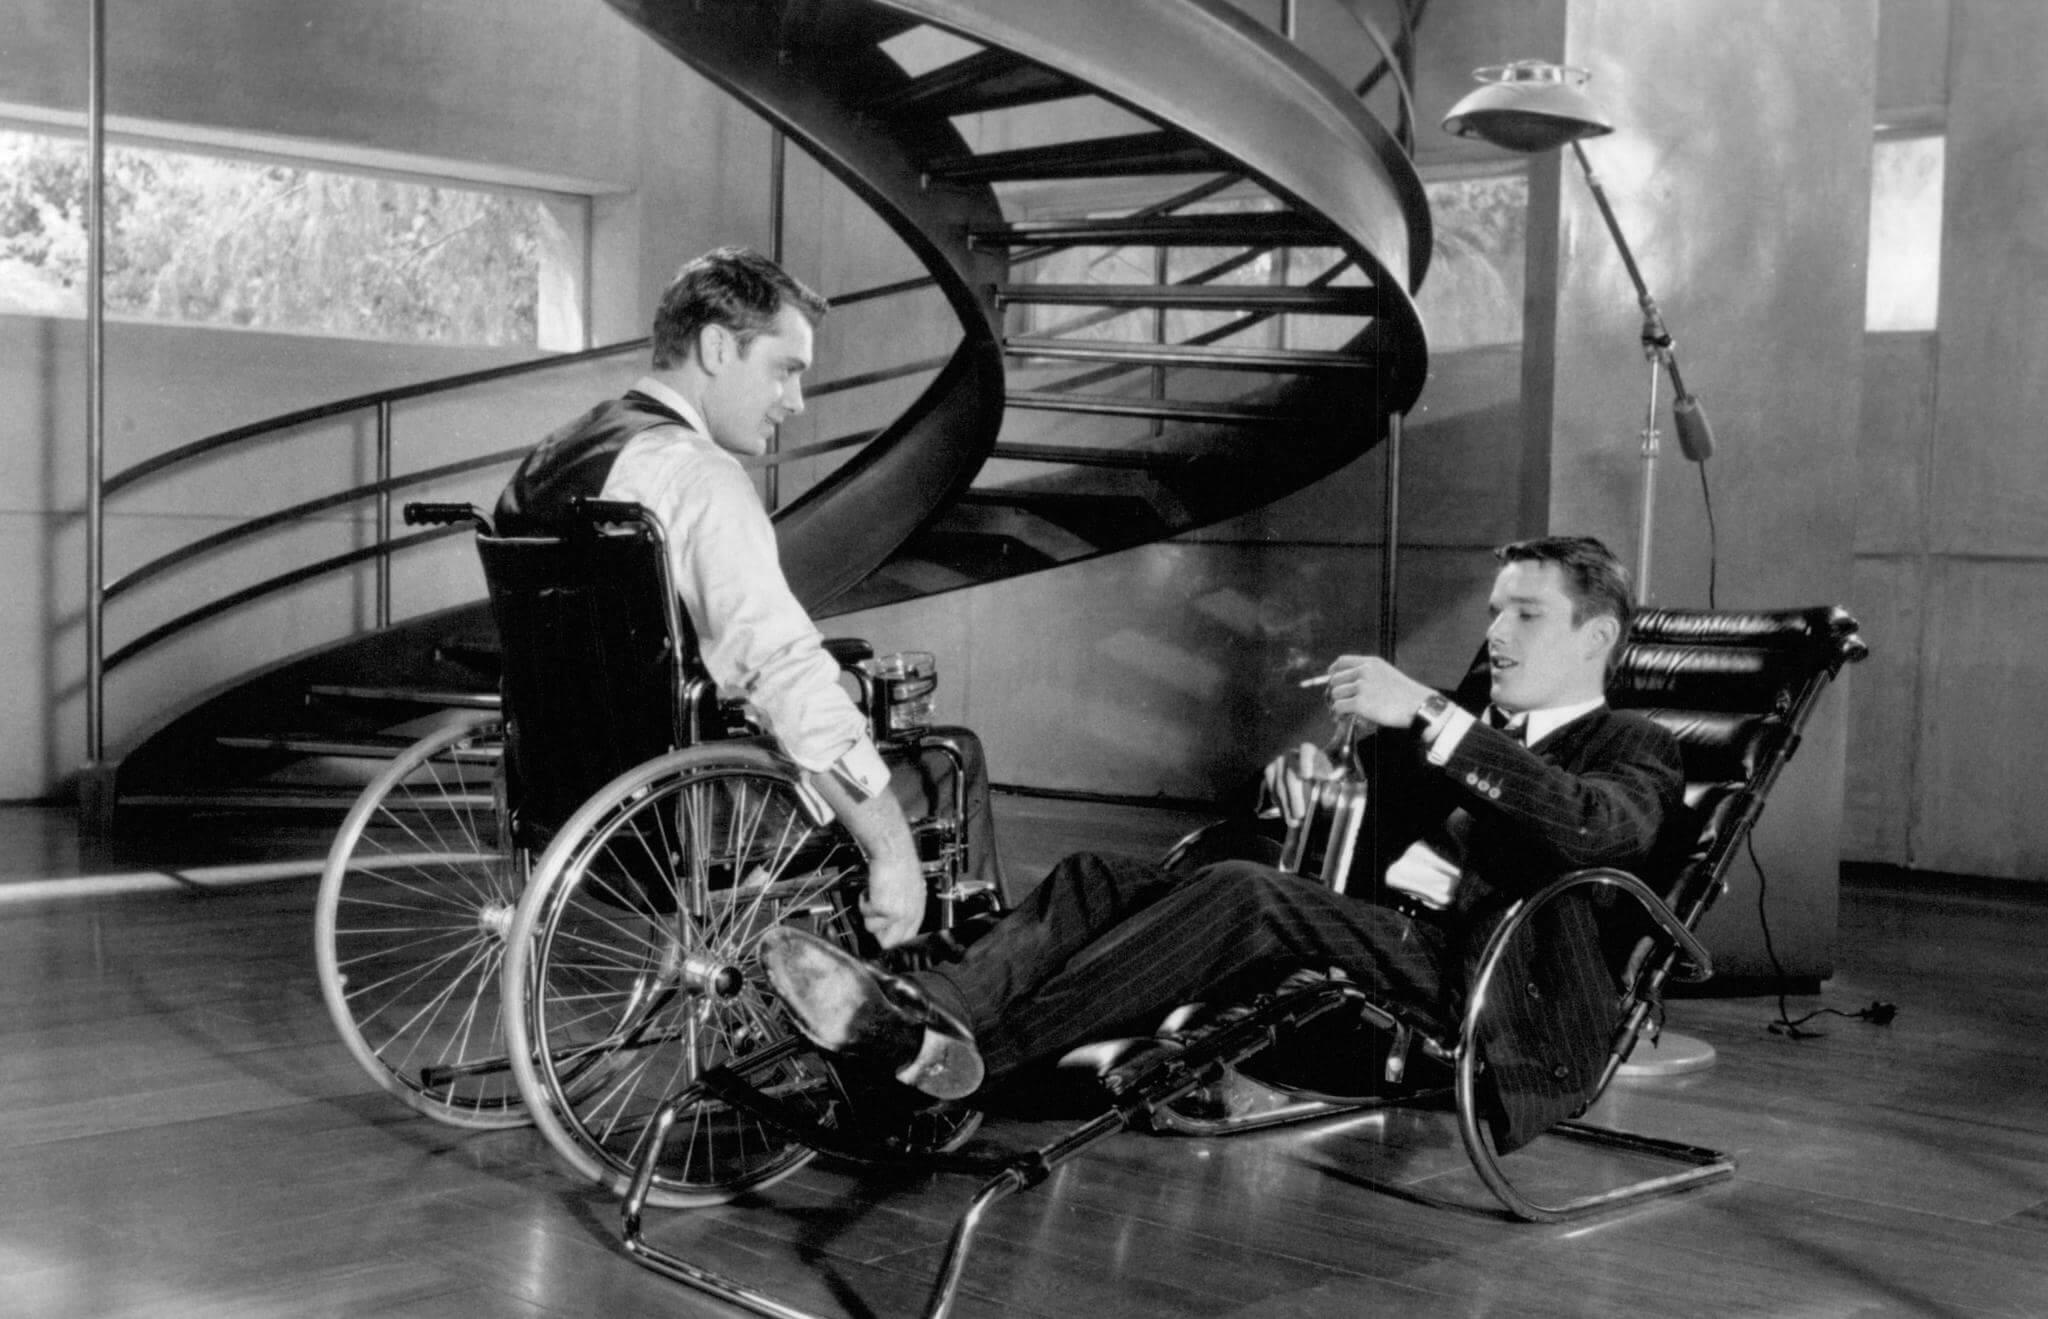 Gattaca - Jude Law'un, sakat olsa bile, tüm erkeklerin %99'undan daha çekici olacağı hakkında bir film